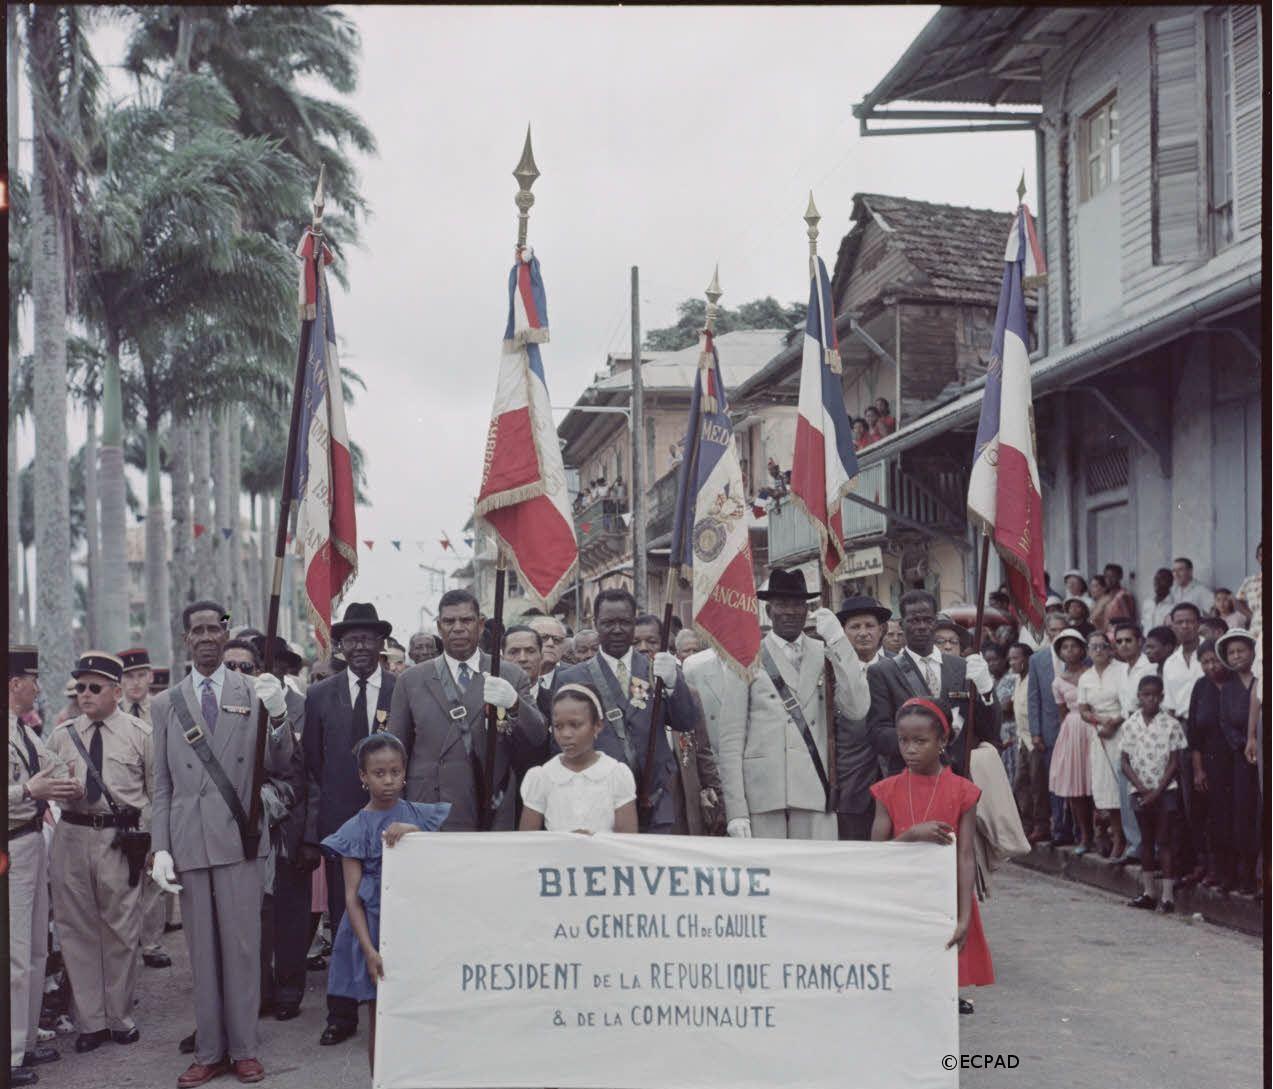 18/04-04/05/1960 : Voyage officiel au Canada, aux Etats-Unis, en Guyane, en Martinique et en Guadeloupe